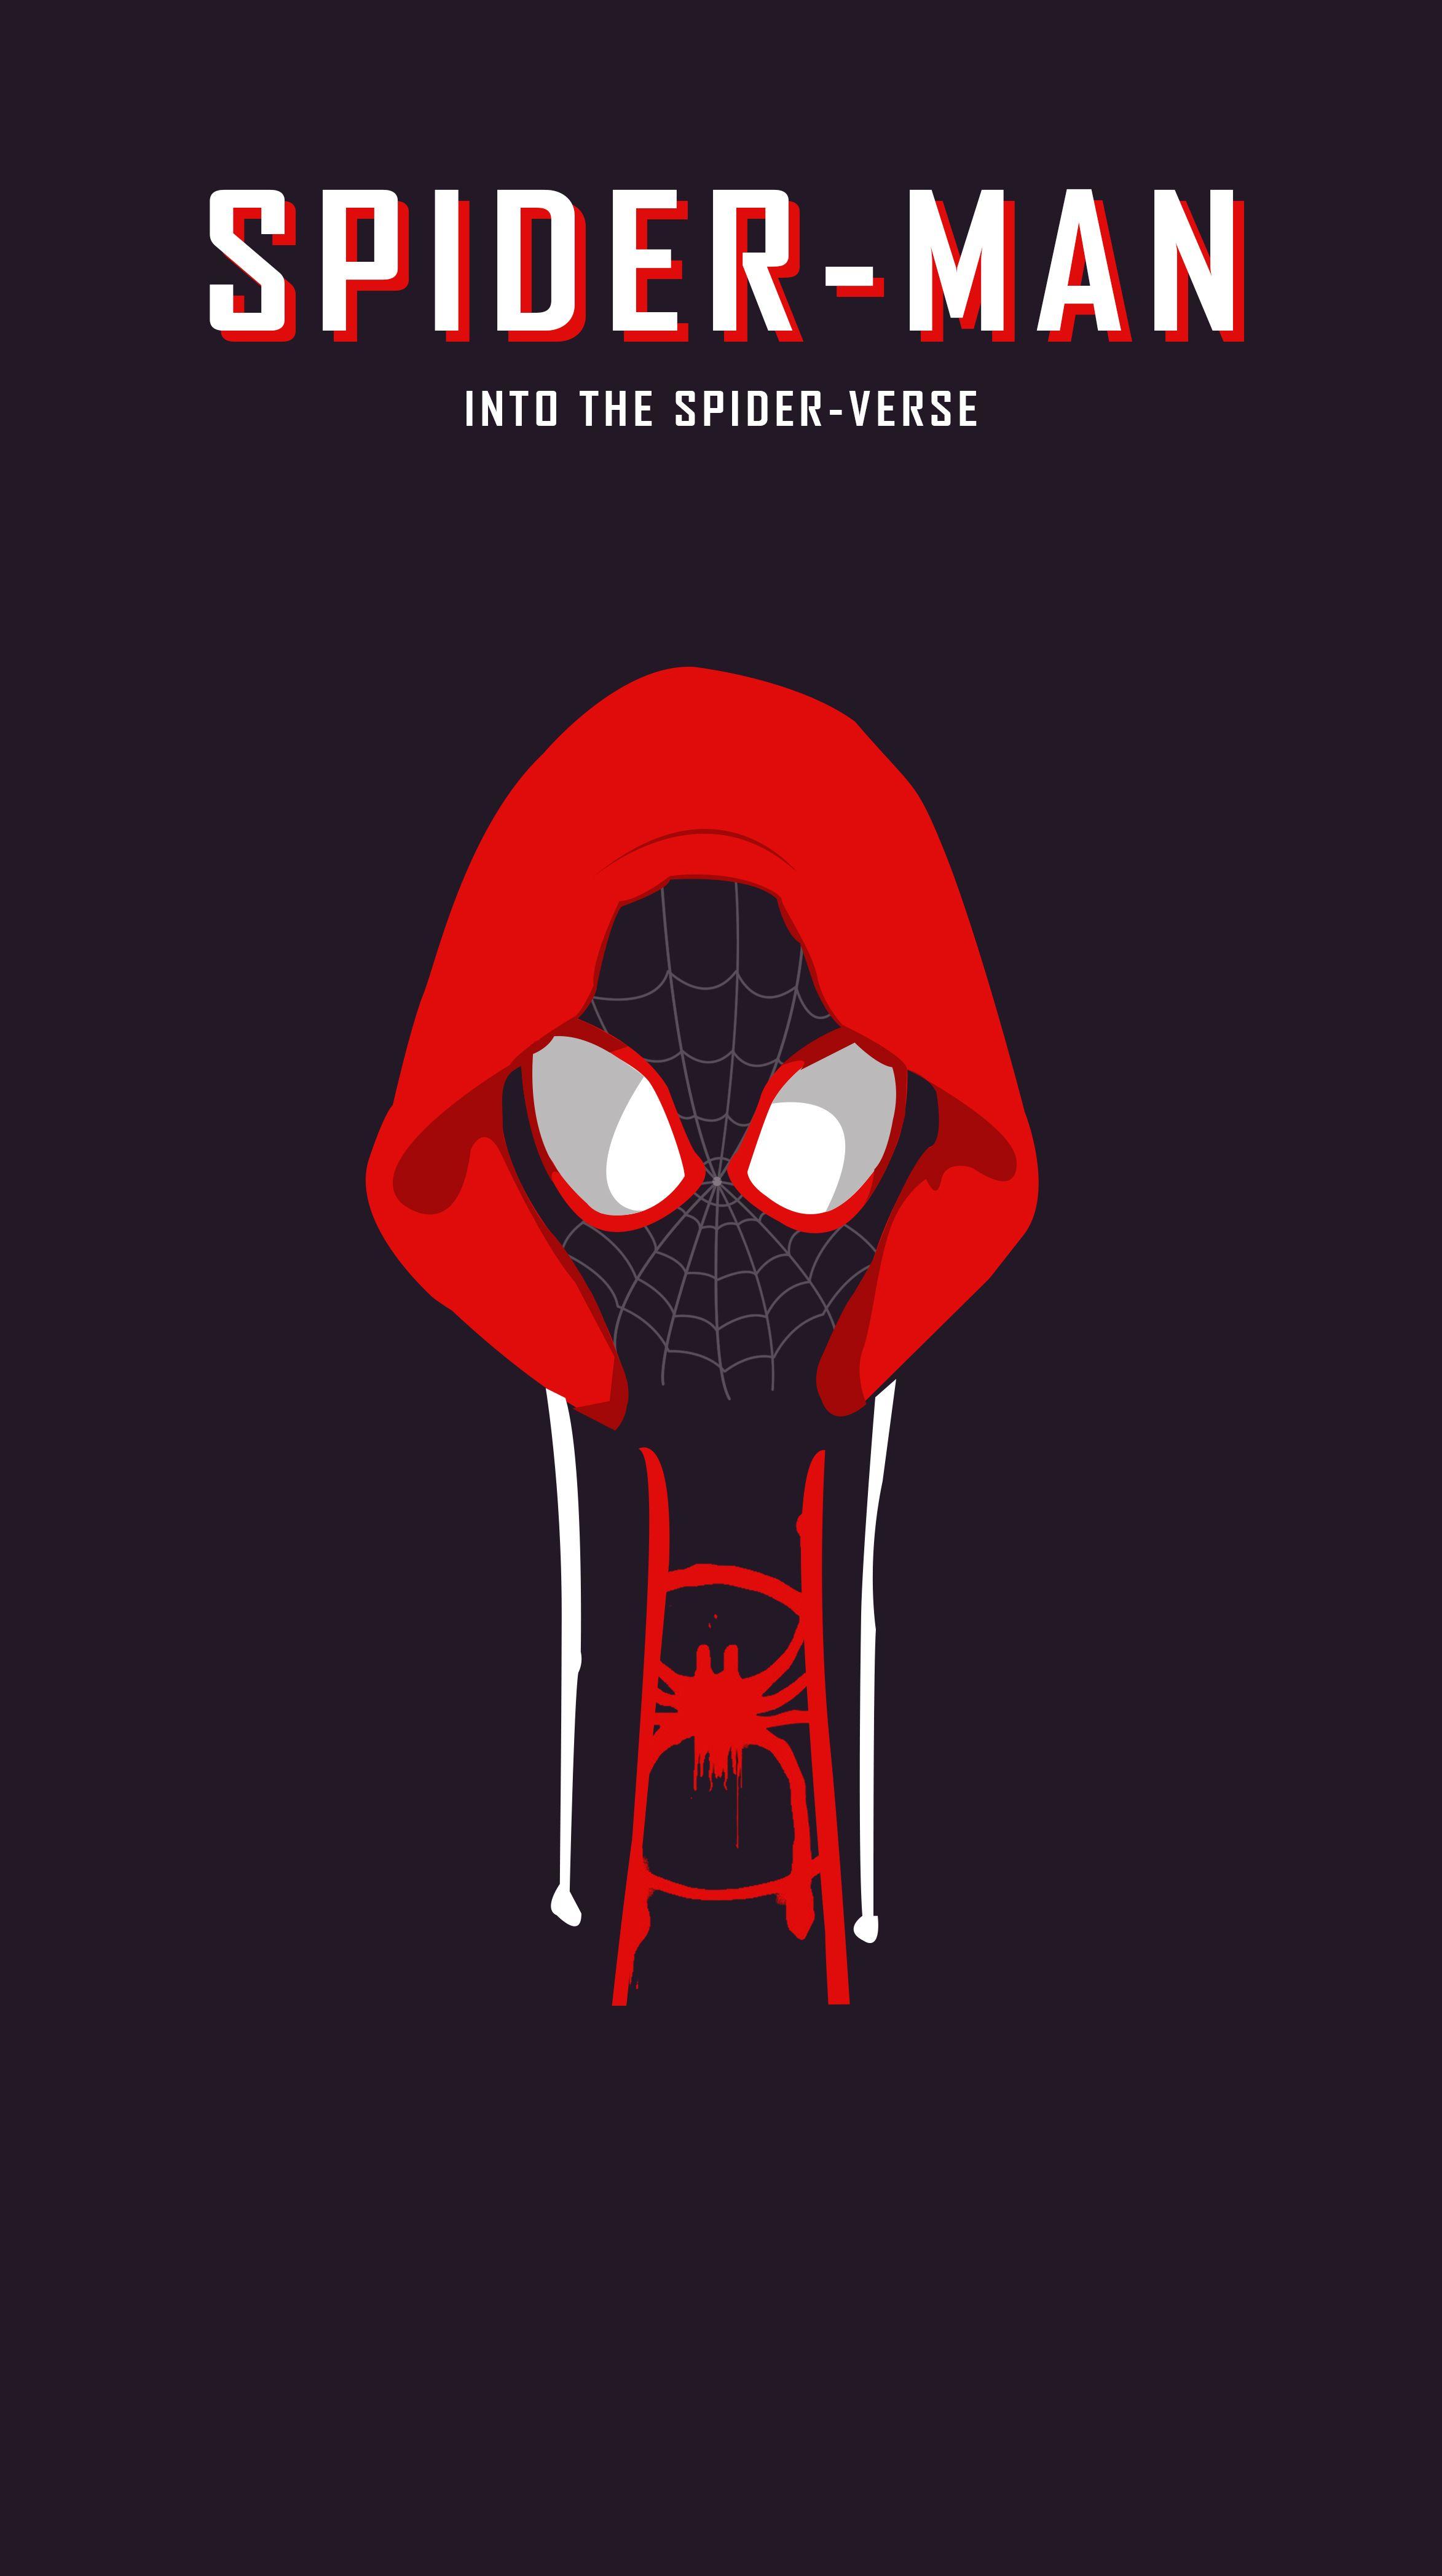 Spider Man Into The Verse Spiderman Minimaldesign